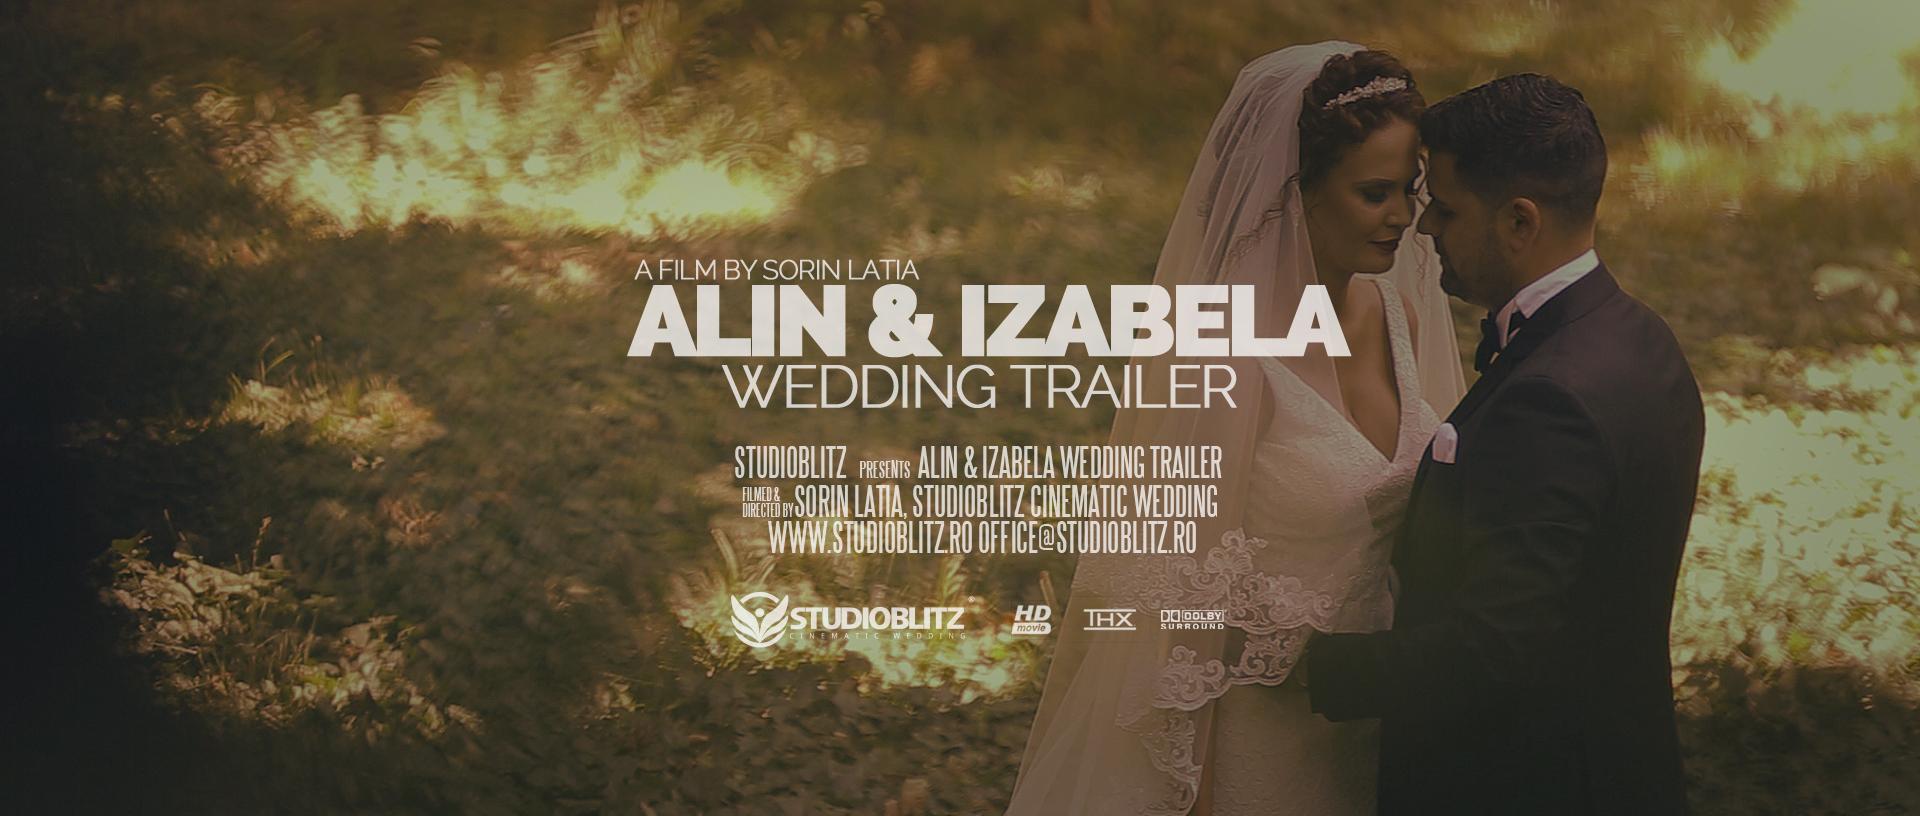 coperta-filmare-trailer-de-nunta-craiova-alin-izabela